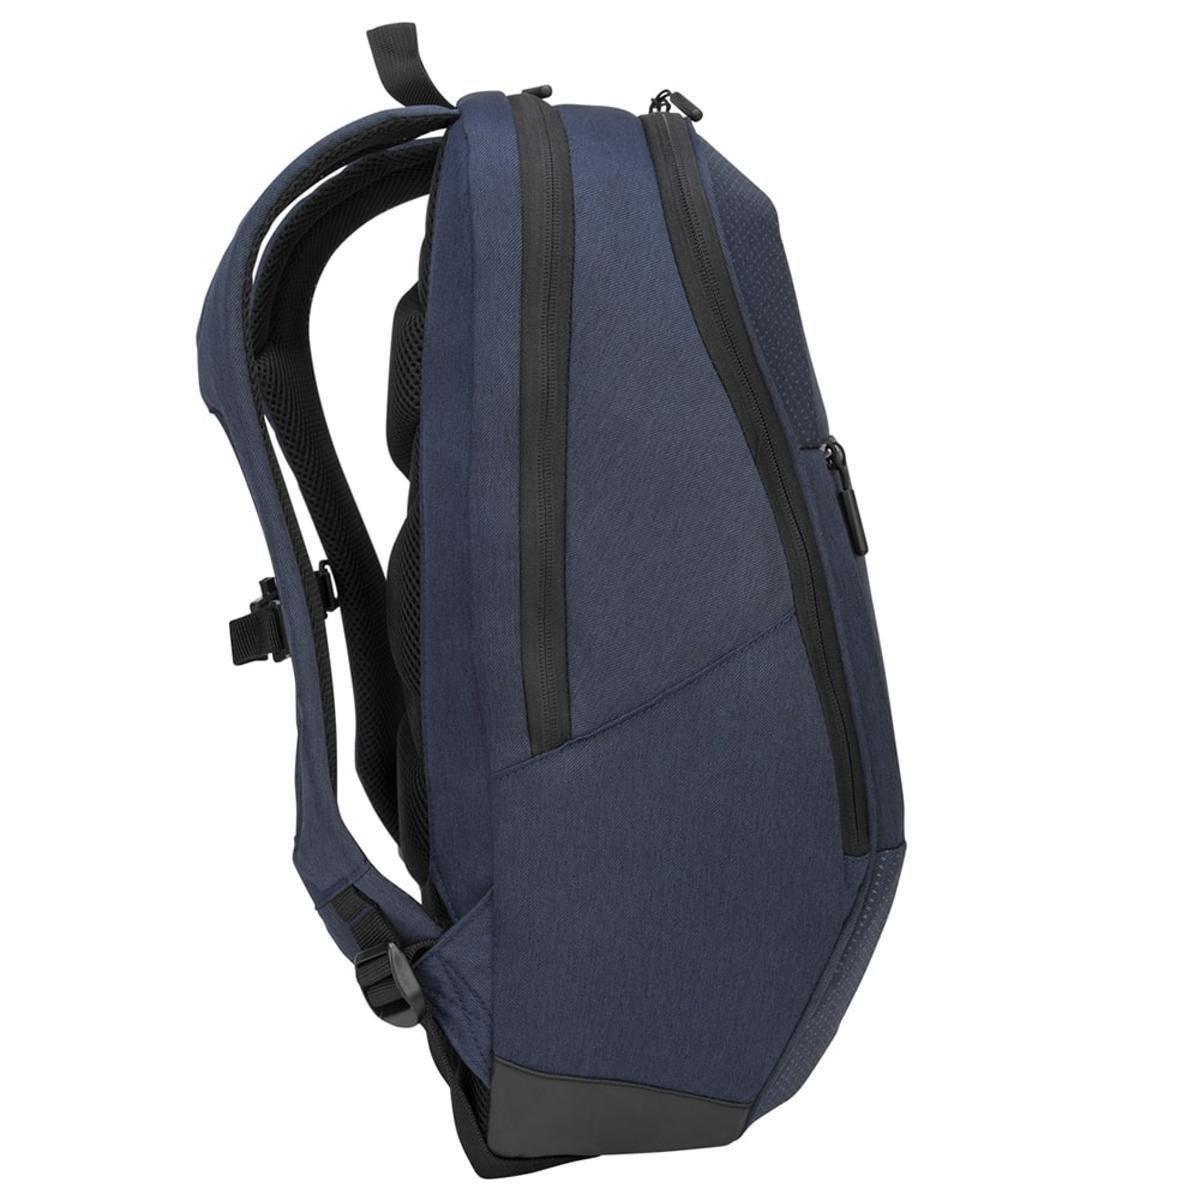 Mochila Targus Commuter para Notebook 15.6 - Azul